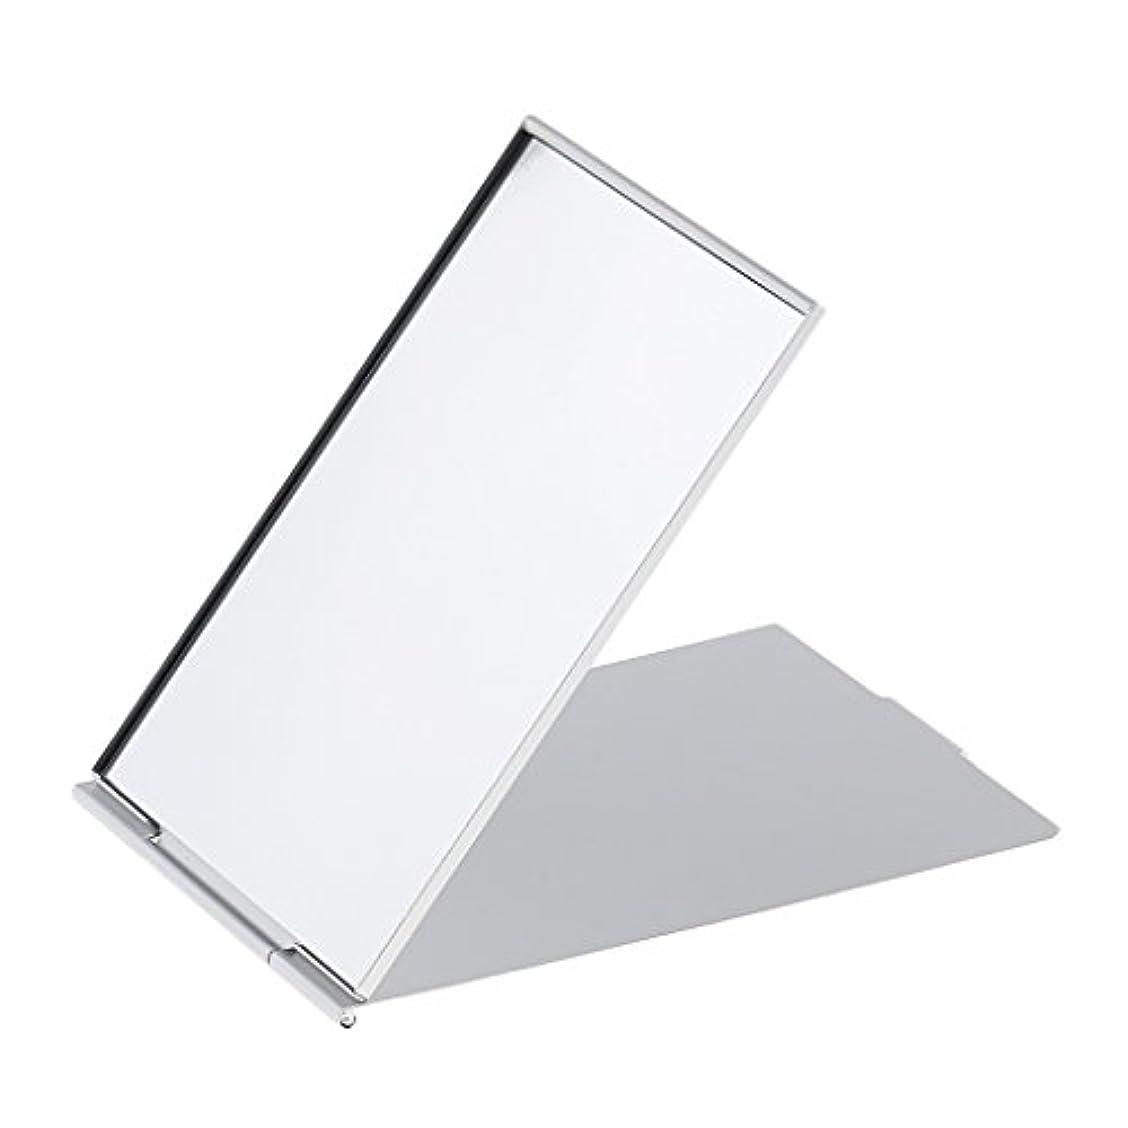 の間で売り手歩くCUTICATE メイクミラー 軽量 折りたたみ ポケット コンパクトミラー トラベル 化粧鏡 全3サイズ - #3